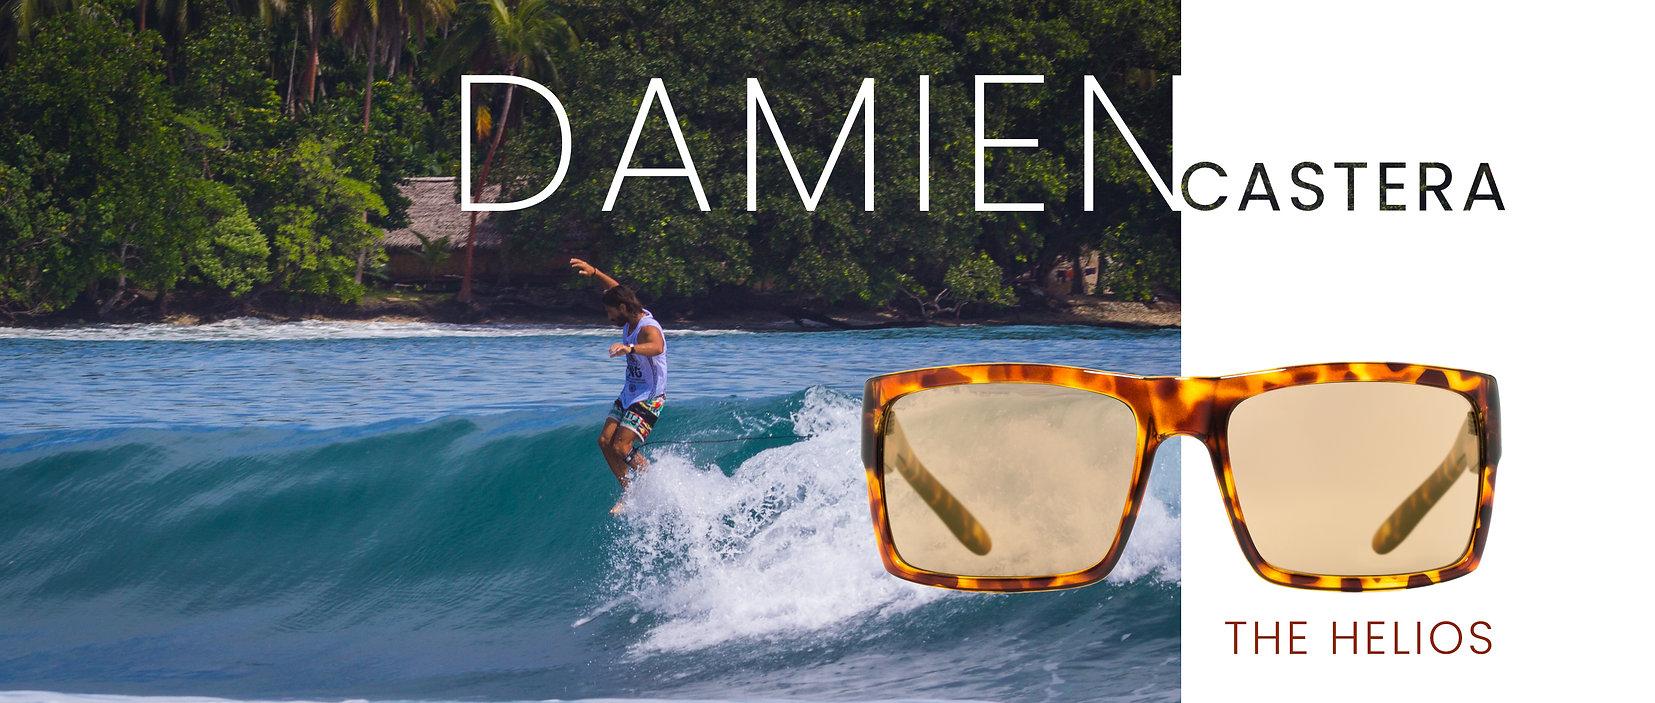 Damien_Castera-longboarding-surfing-us-e